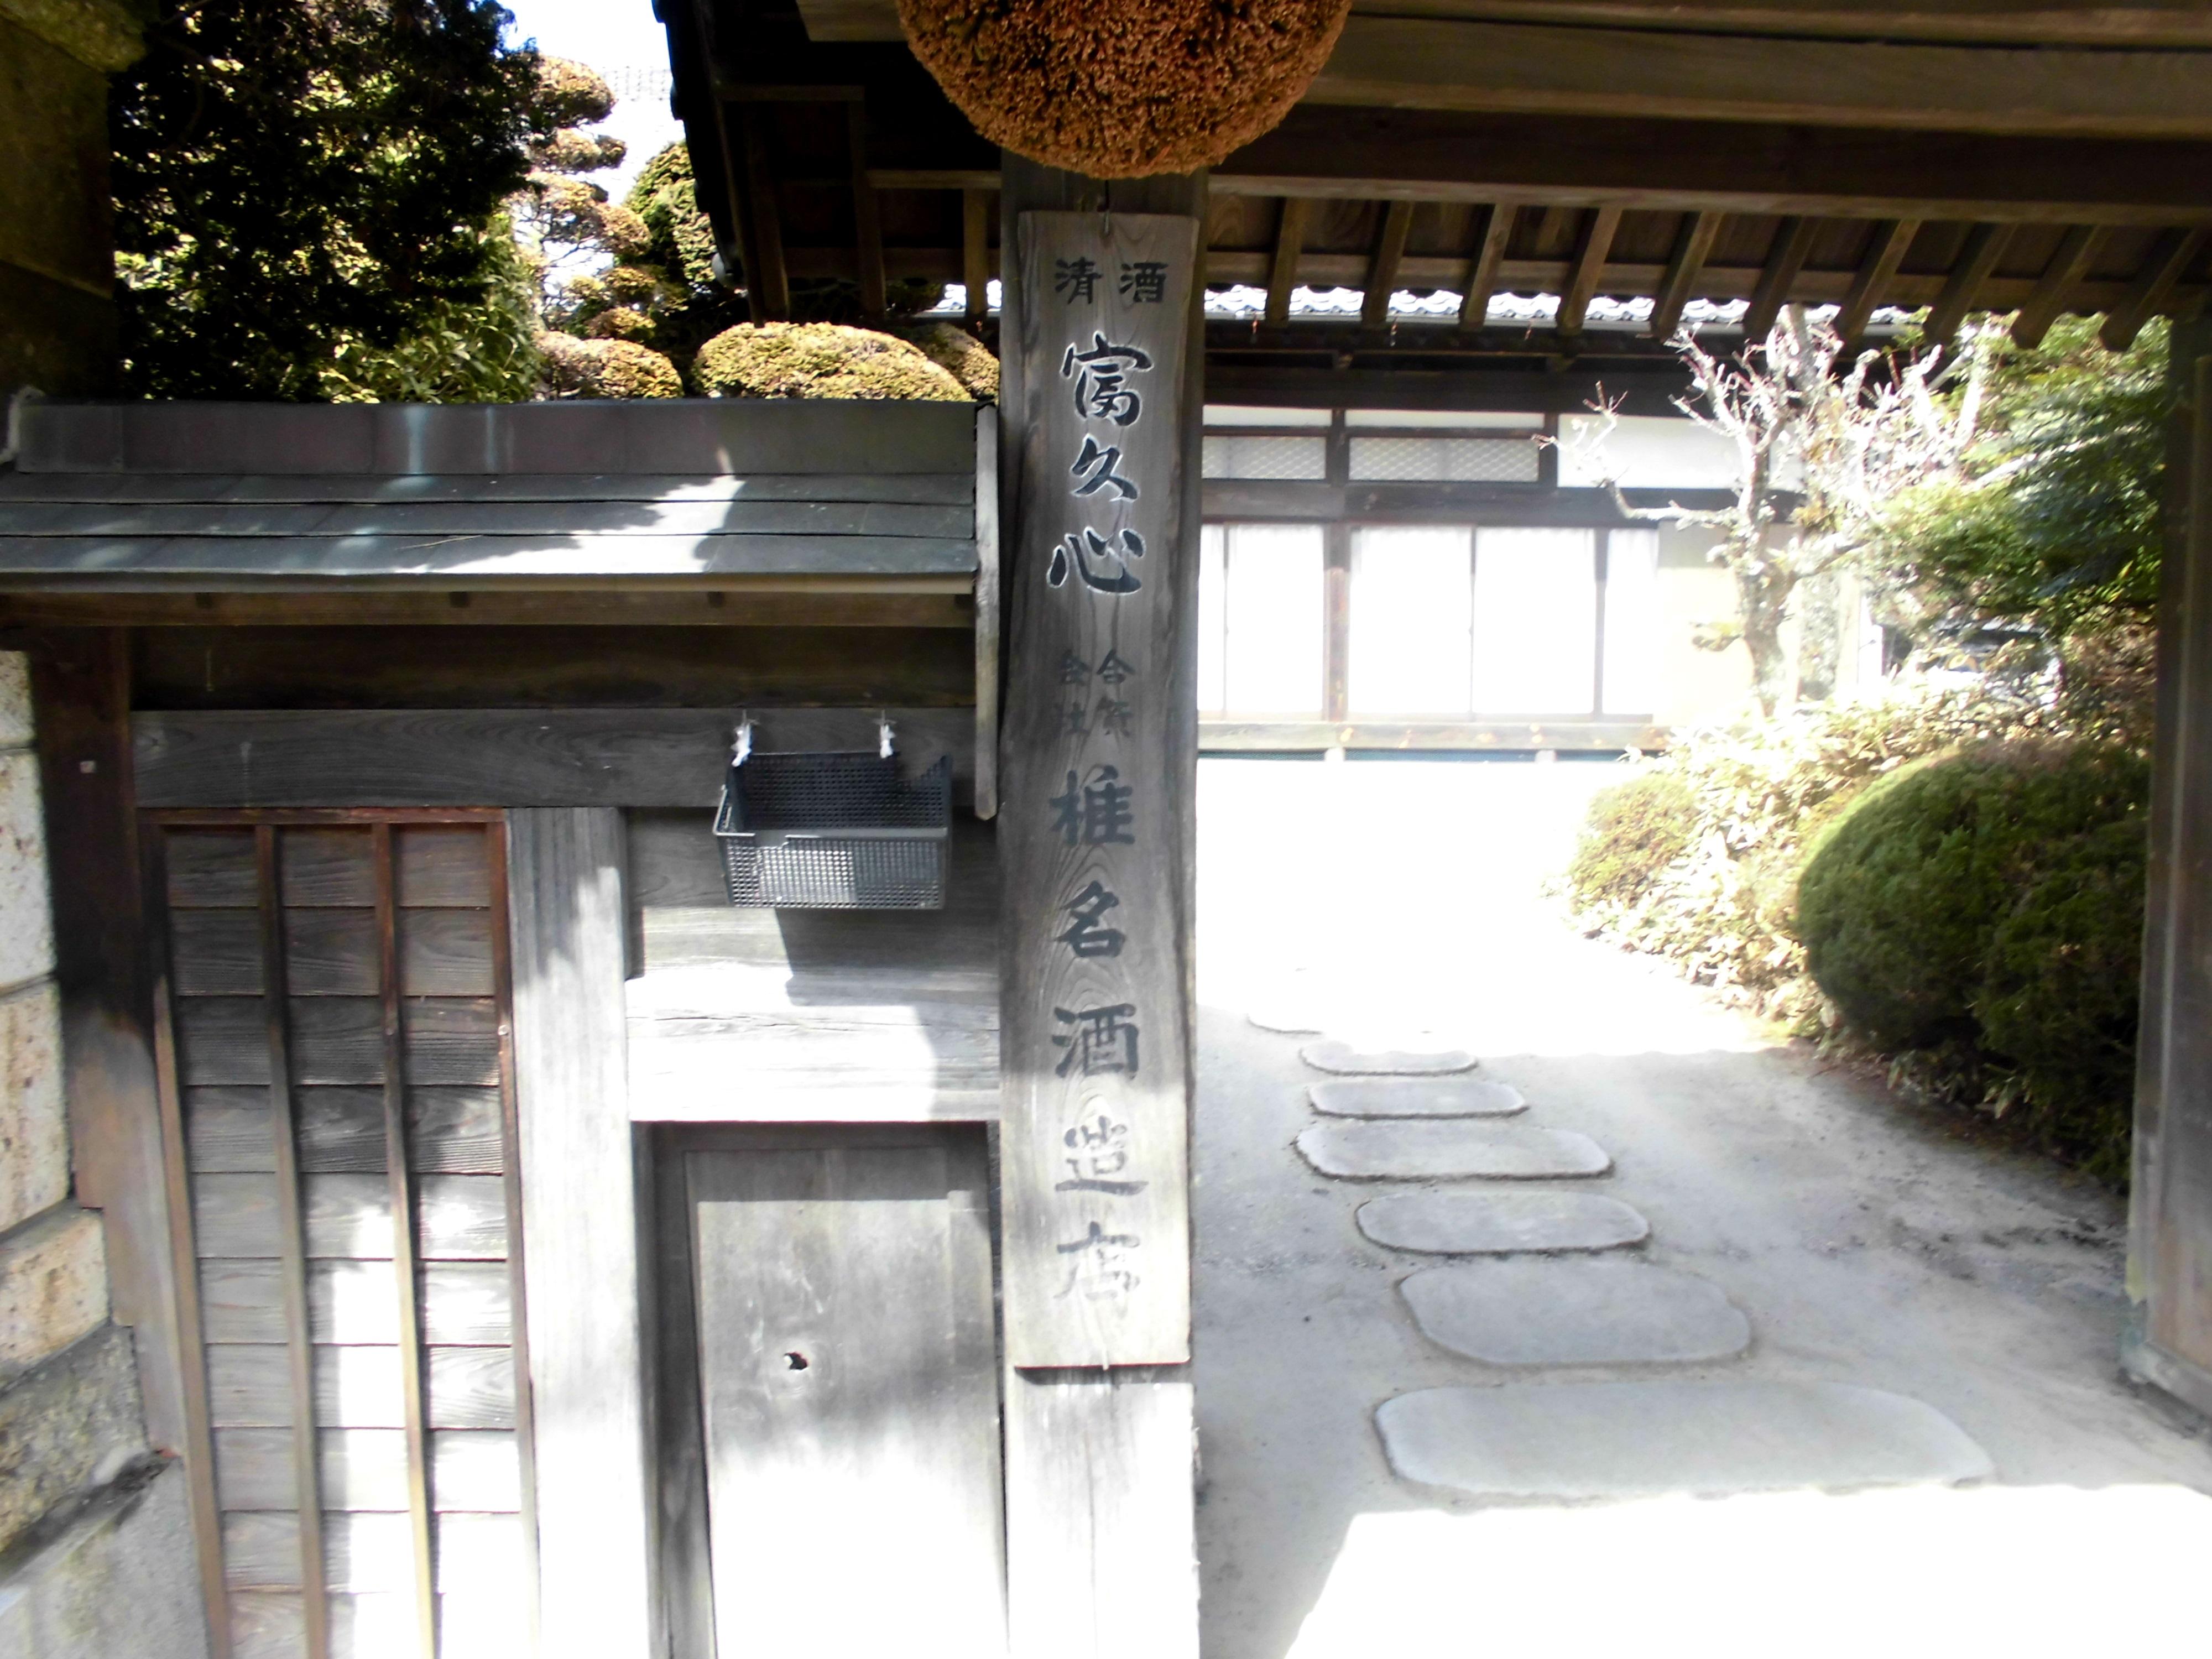 日立市十王町の地酒「富久心」の蔵元、椎名酒造店に行ってきました。